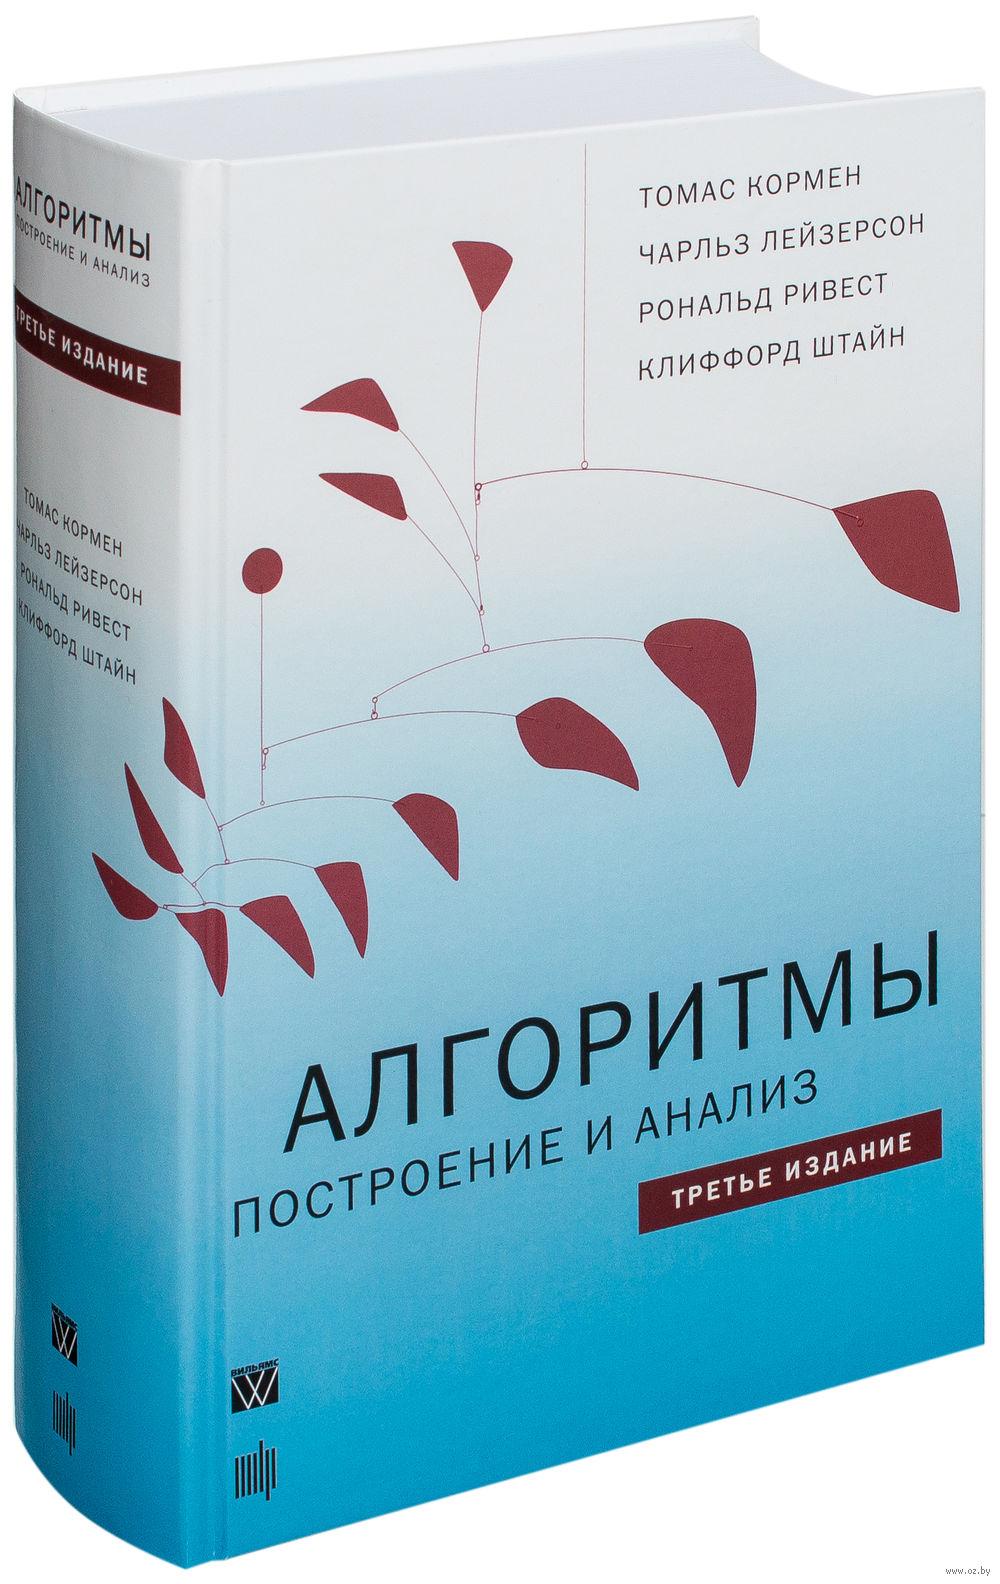 Алгоритмы Построение и анализ 2-е издание Т. Корман Ч. Лейзерсон